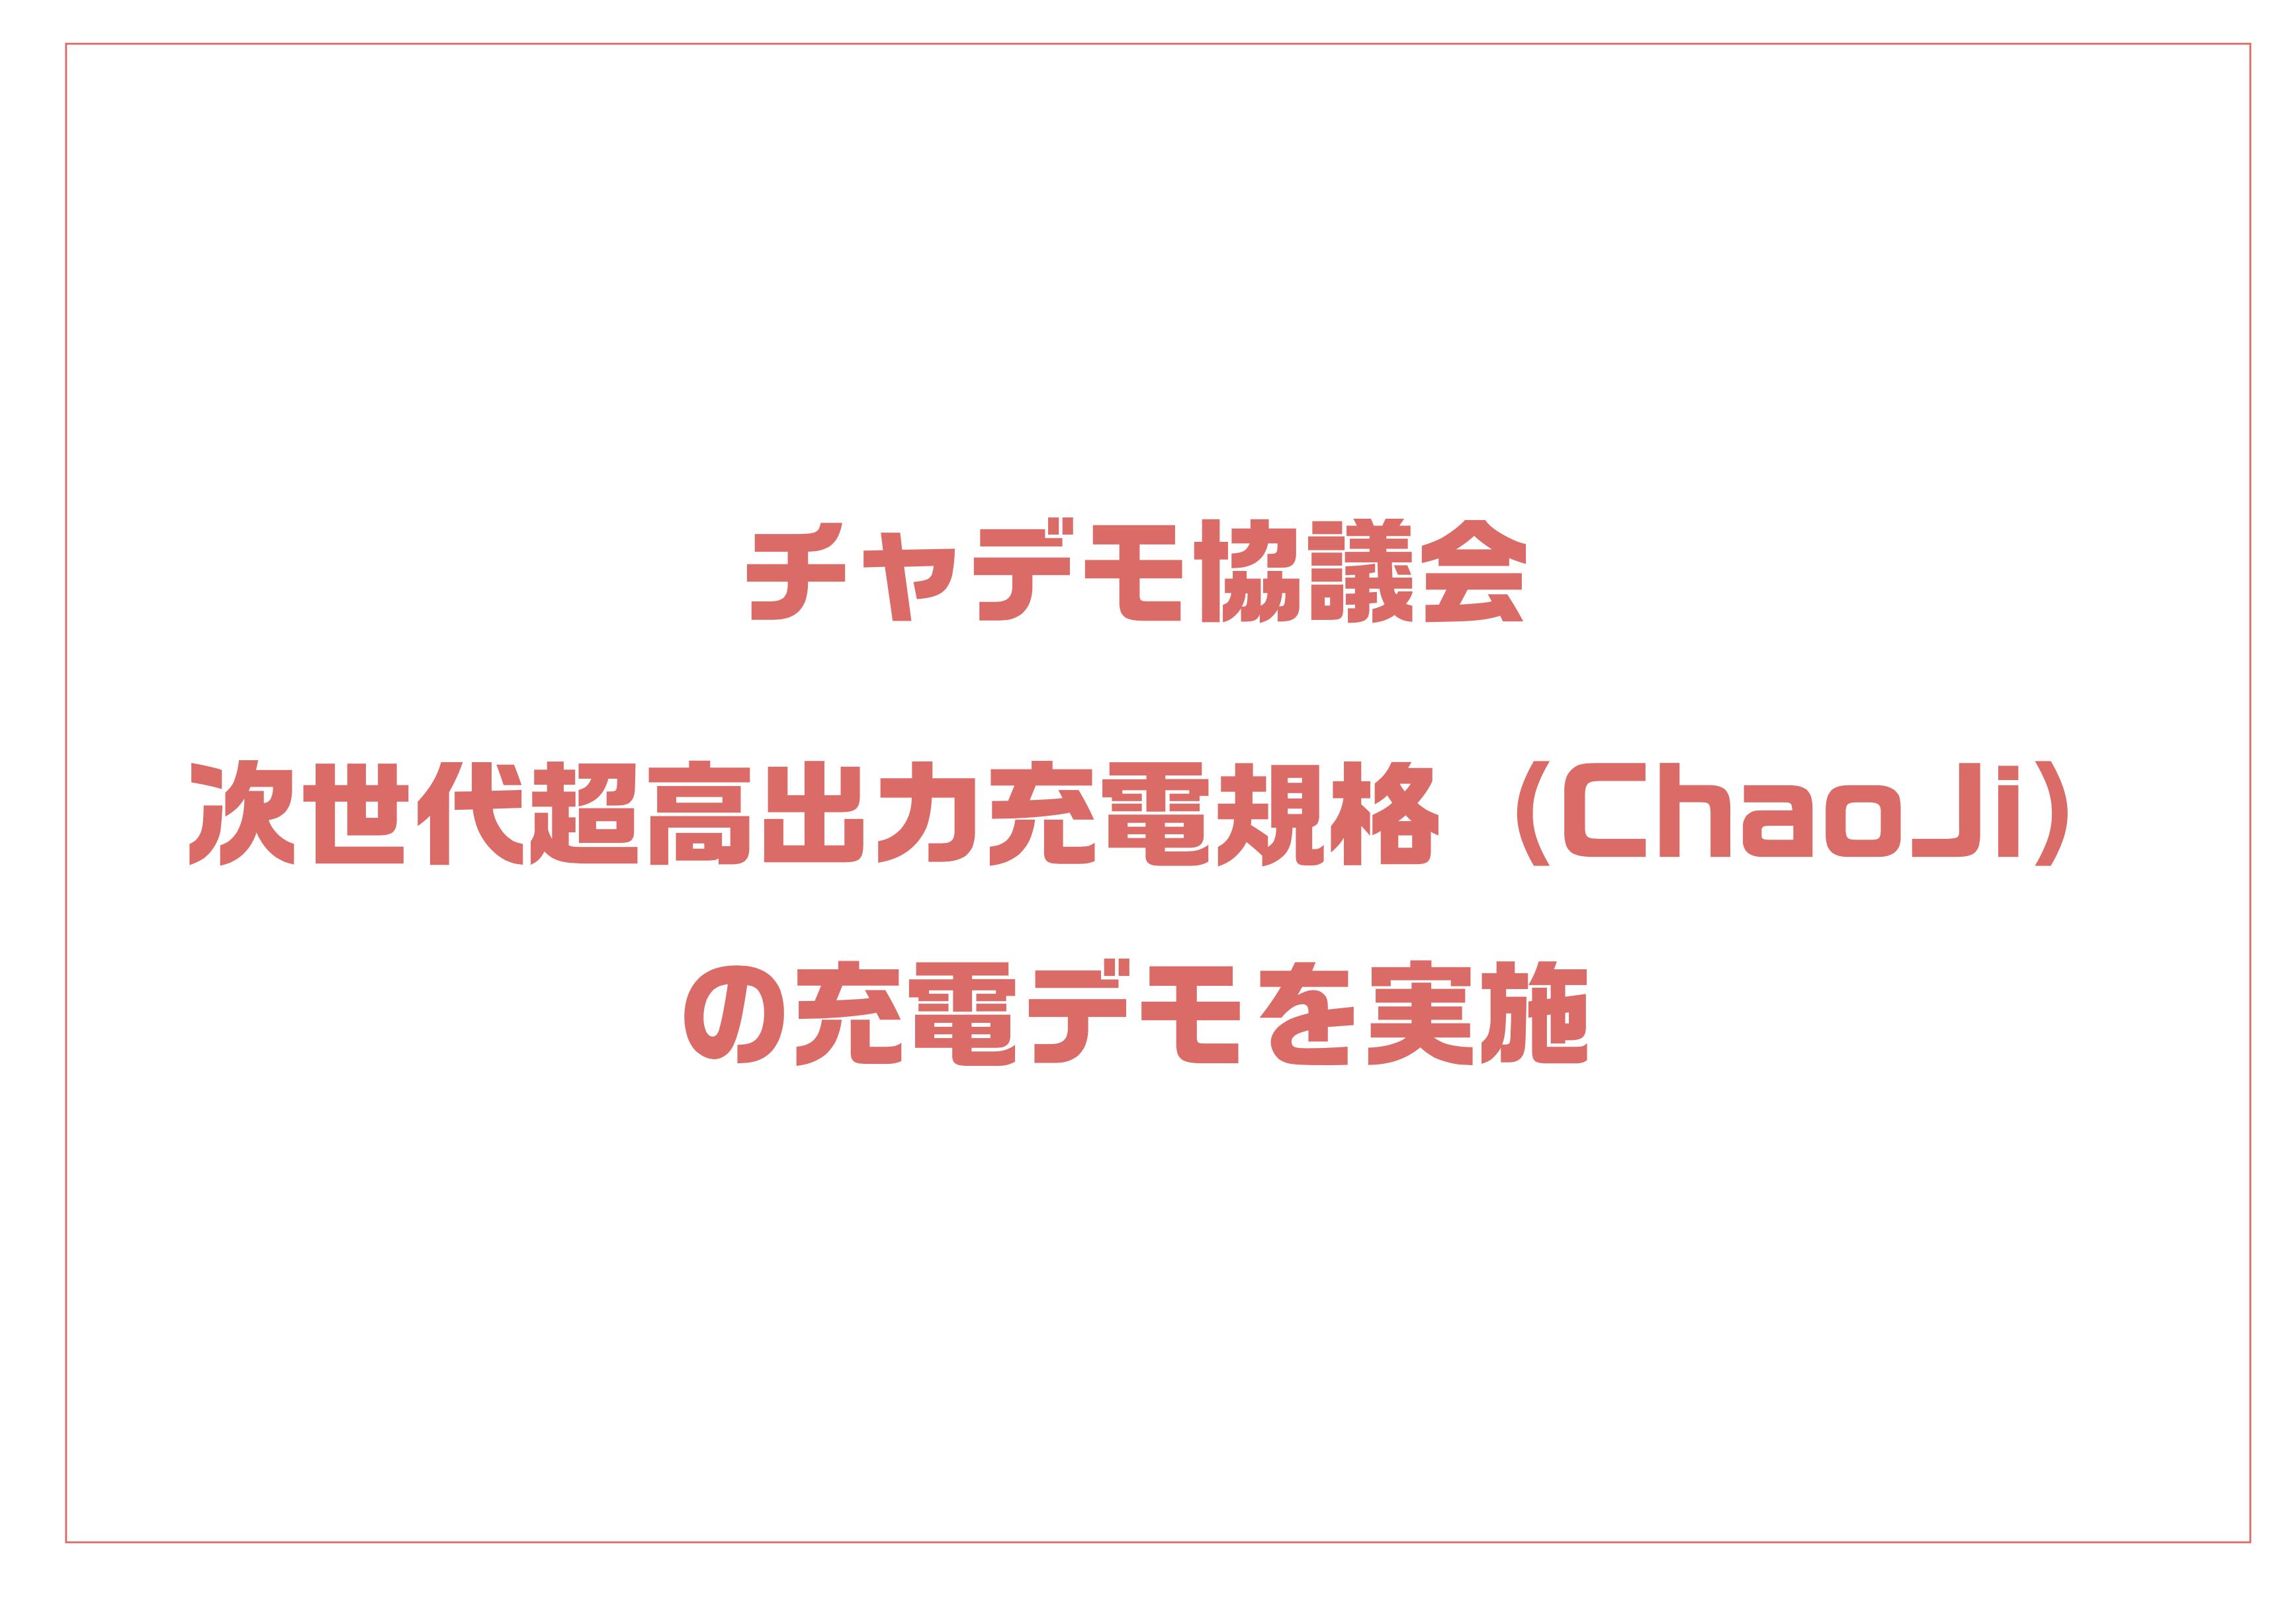 【チャデモ協議会】次世代超高出力充電規格(ChaoJi)の充電デモを実施の画像